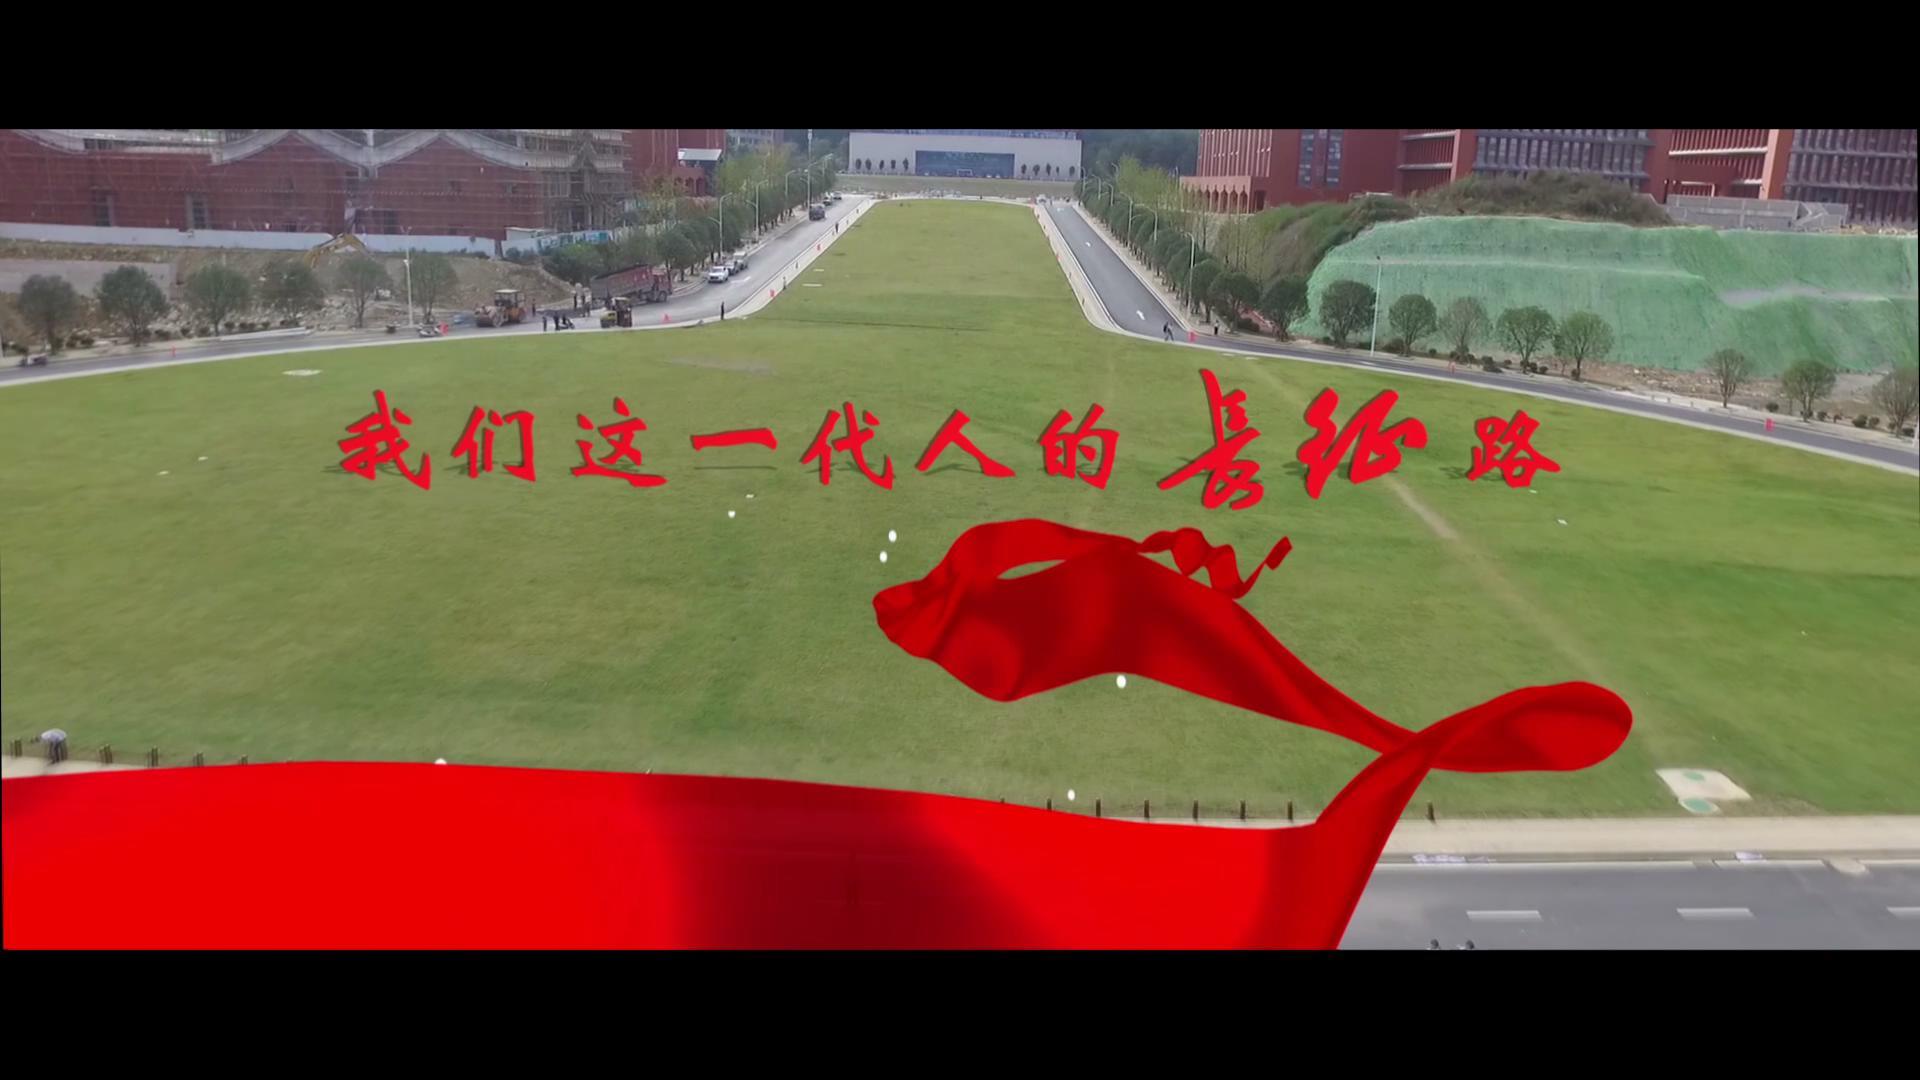 封面-贵州大学《我们这一代的长征路》.JPG